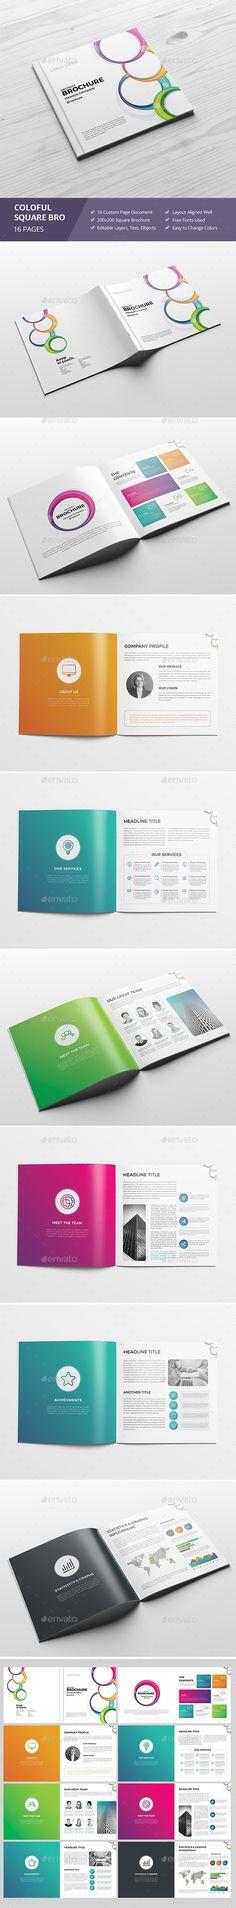 1000 images about brochure pamphlets flyers on pinterest brochures brochure design and. Black Bedroom Furniture Sets. Home Design Ideas